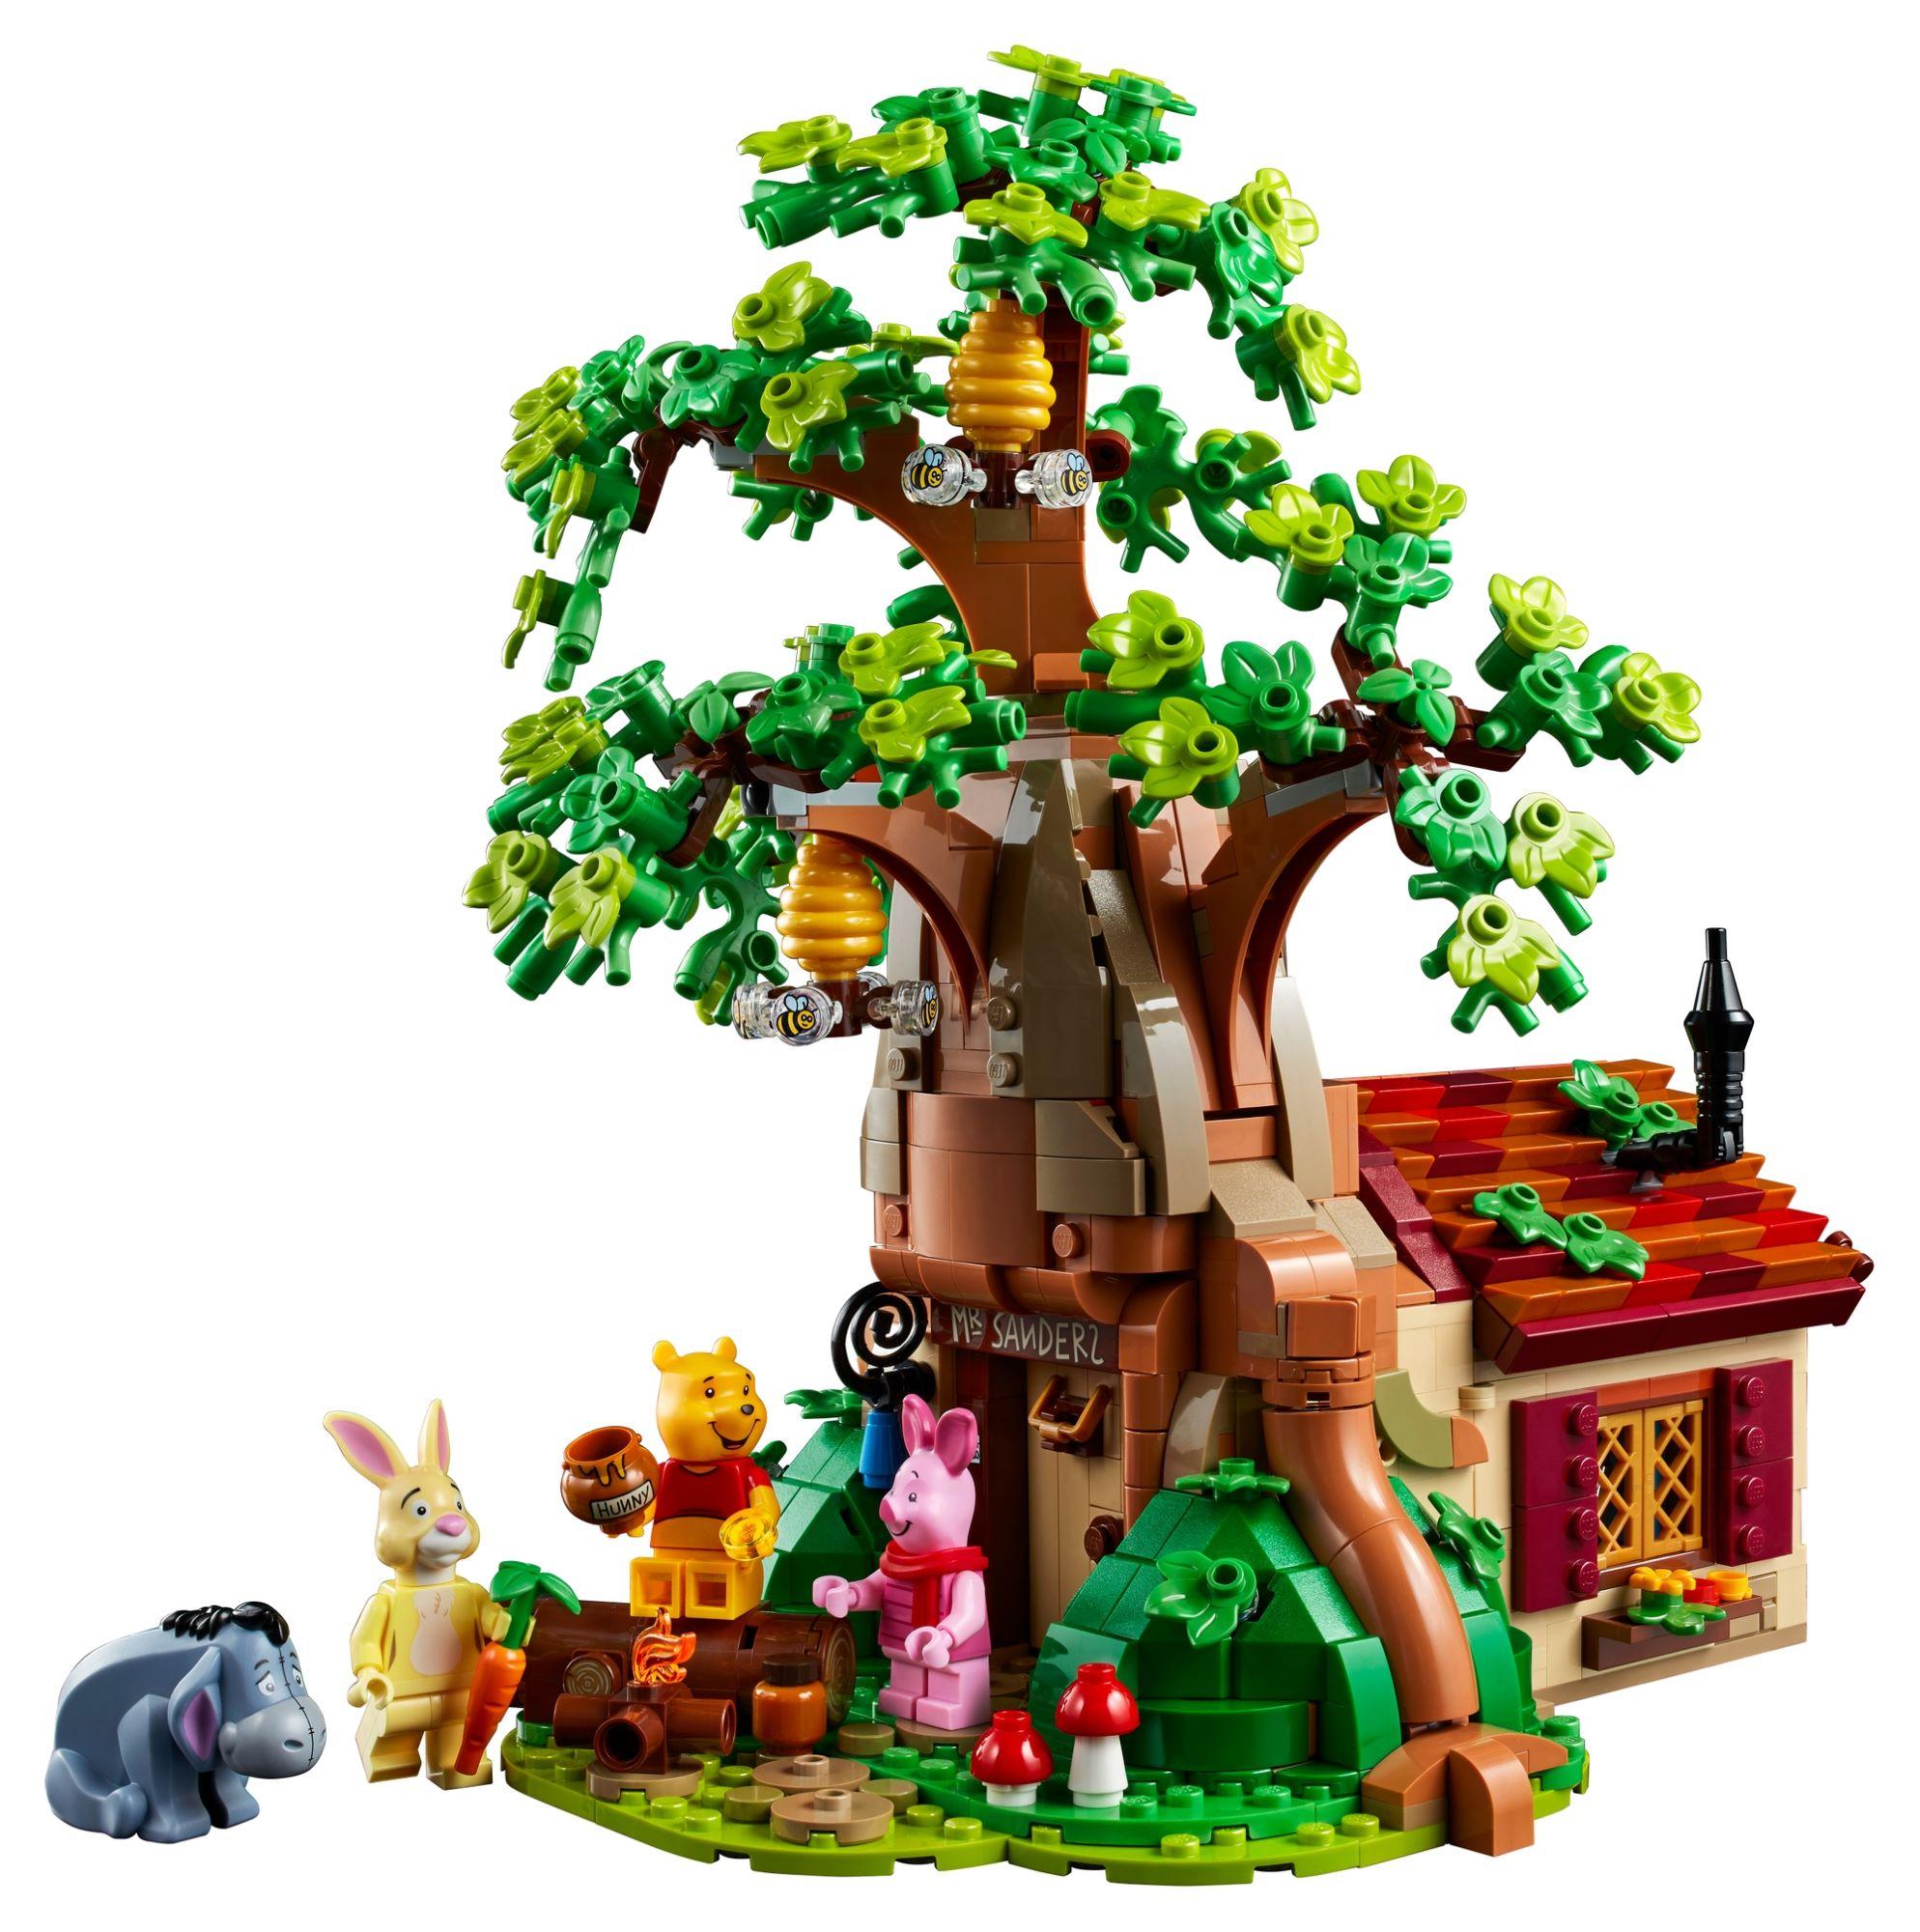 LEGO 21326 Winnie The Pooh 3